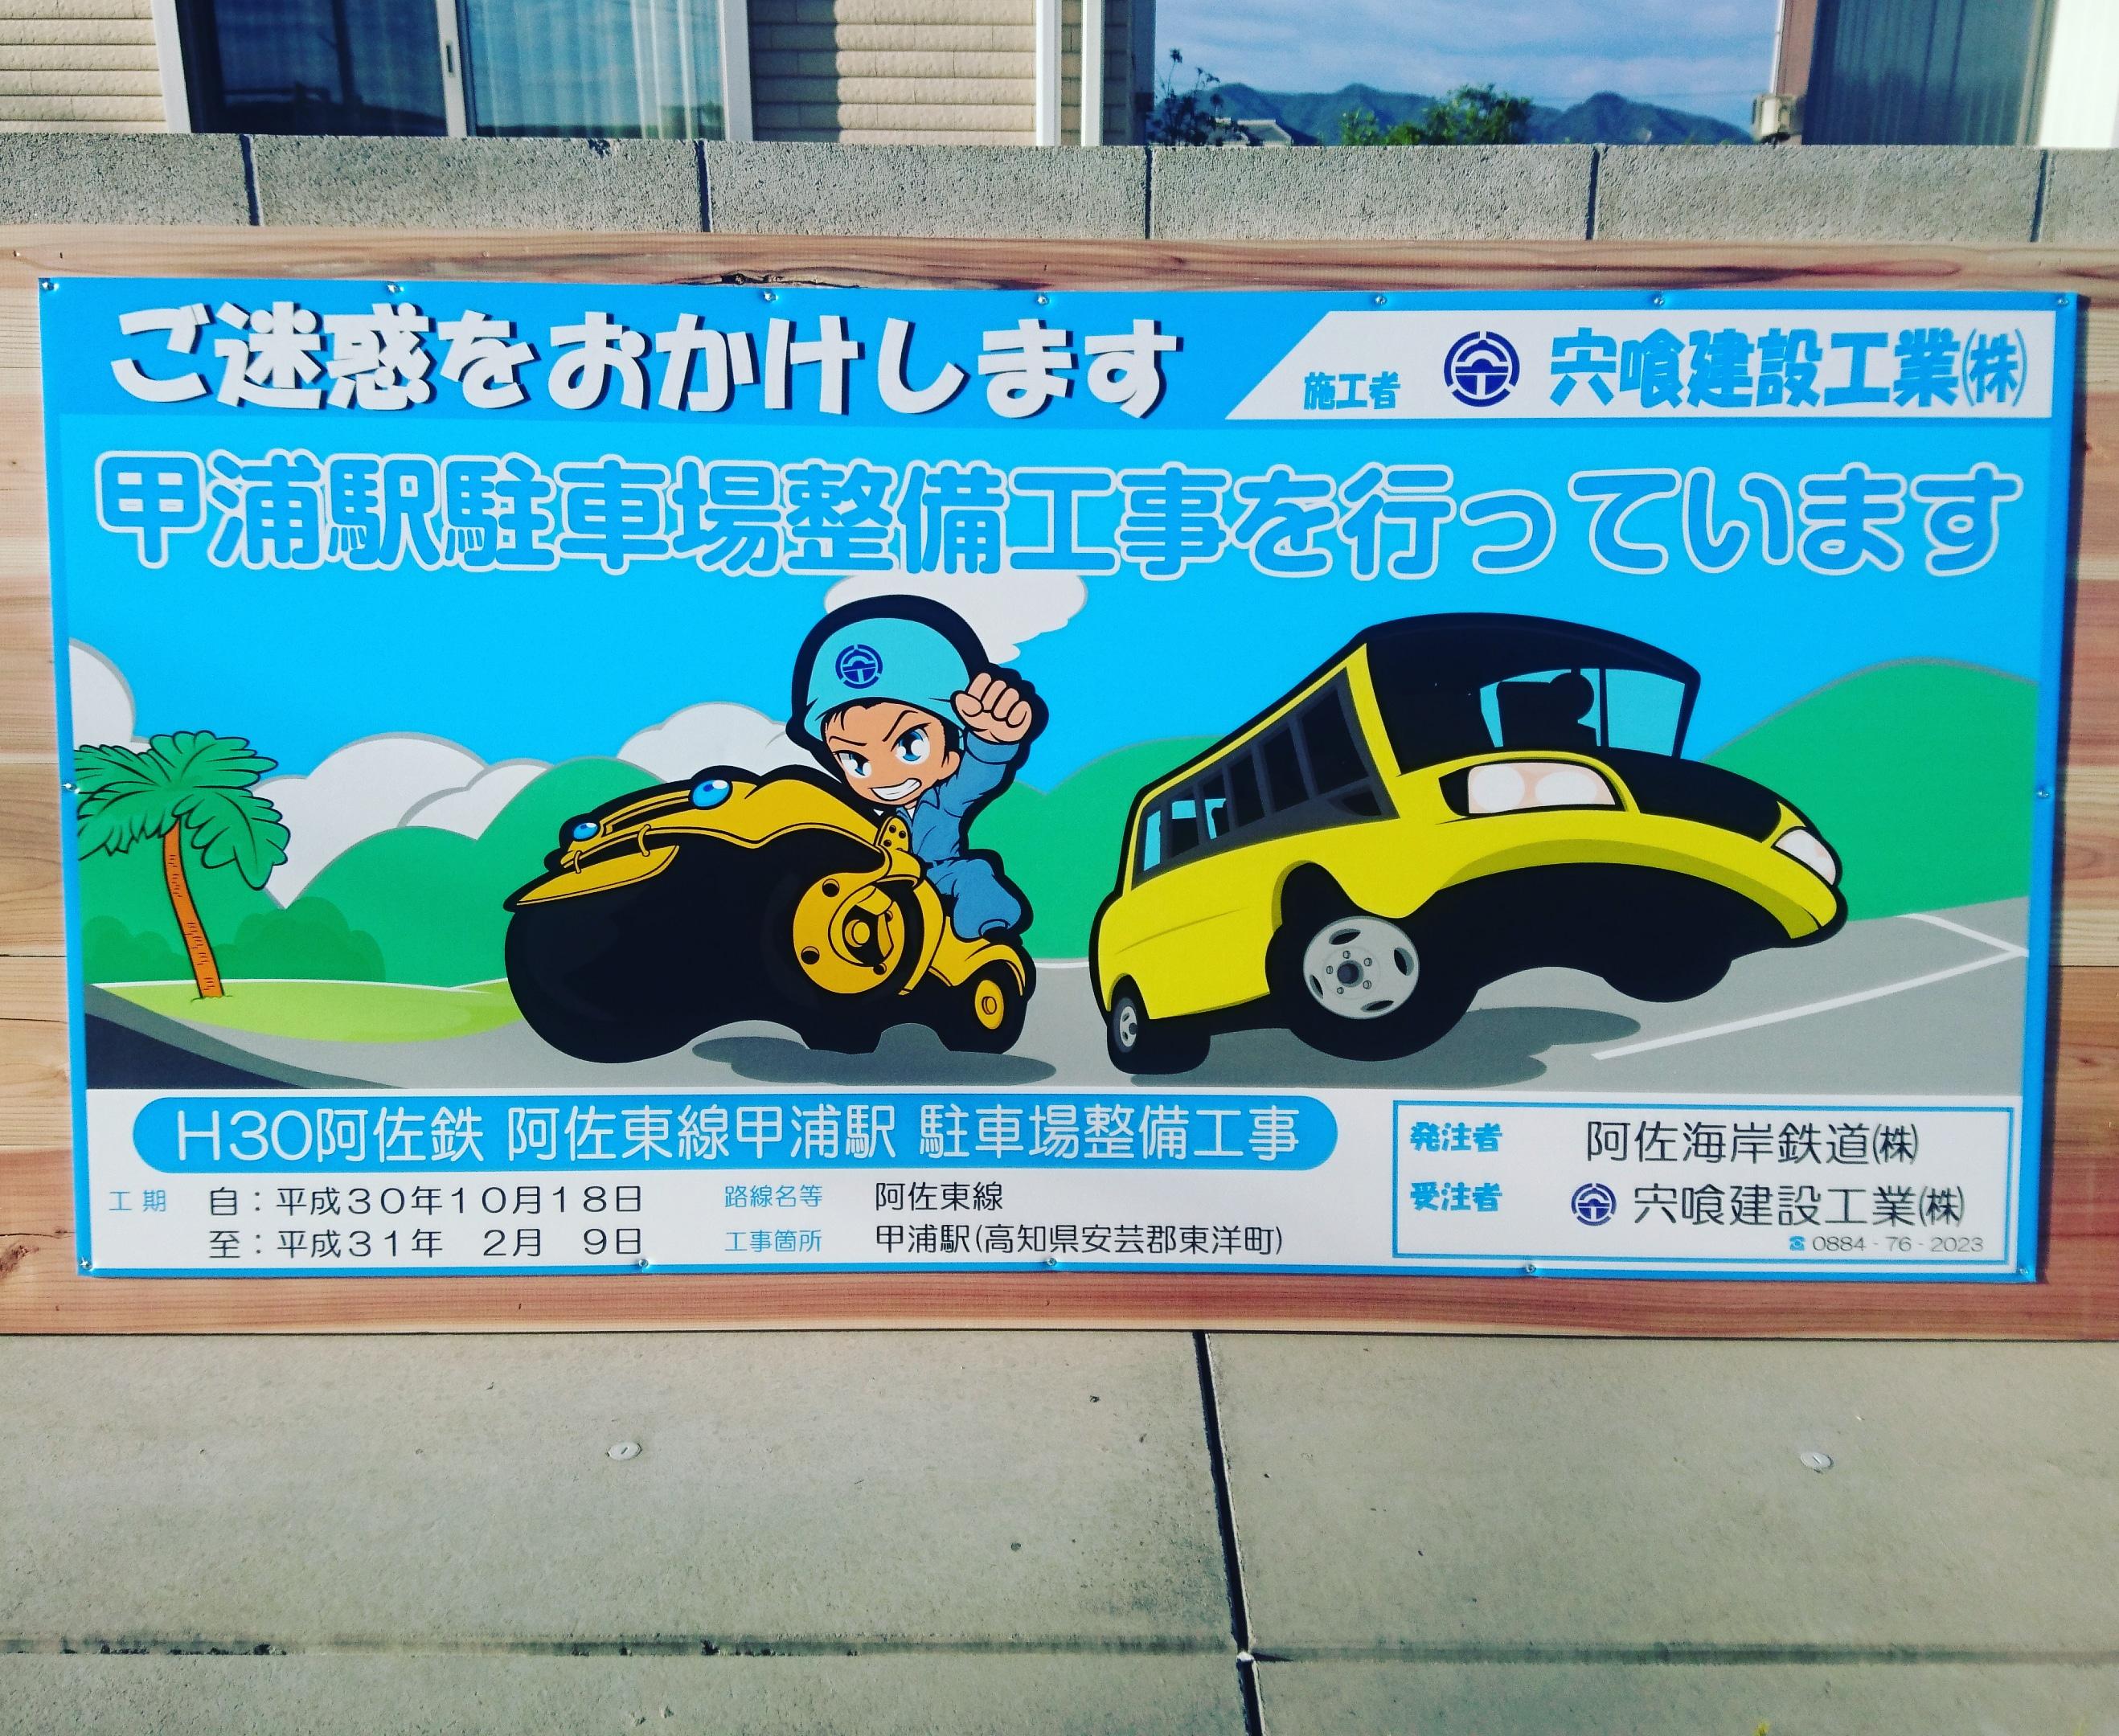 宍喰建設工業(株) 甲浦駅駐車場舗装